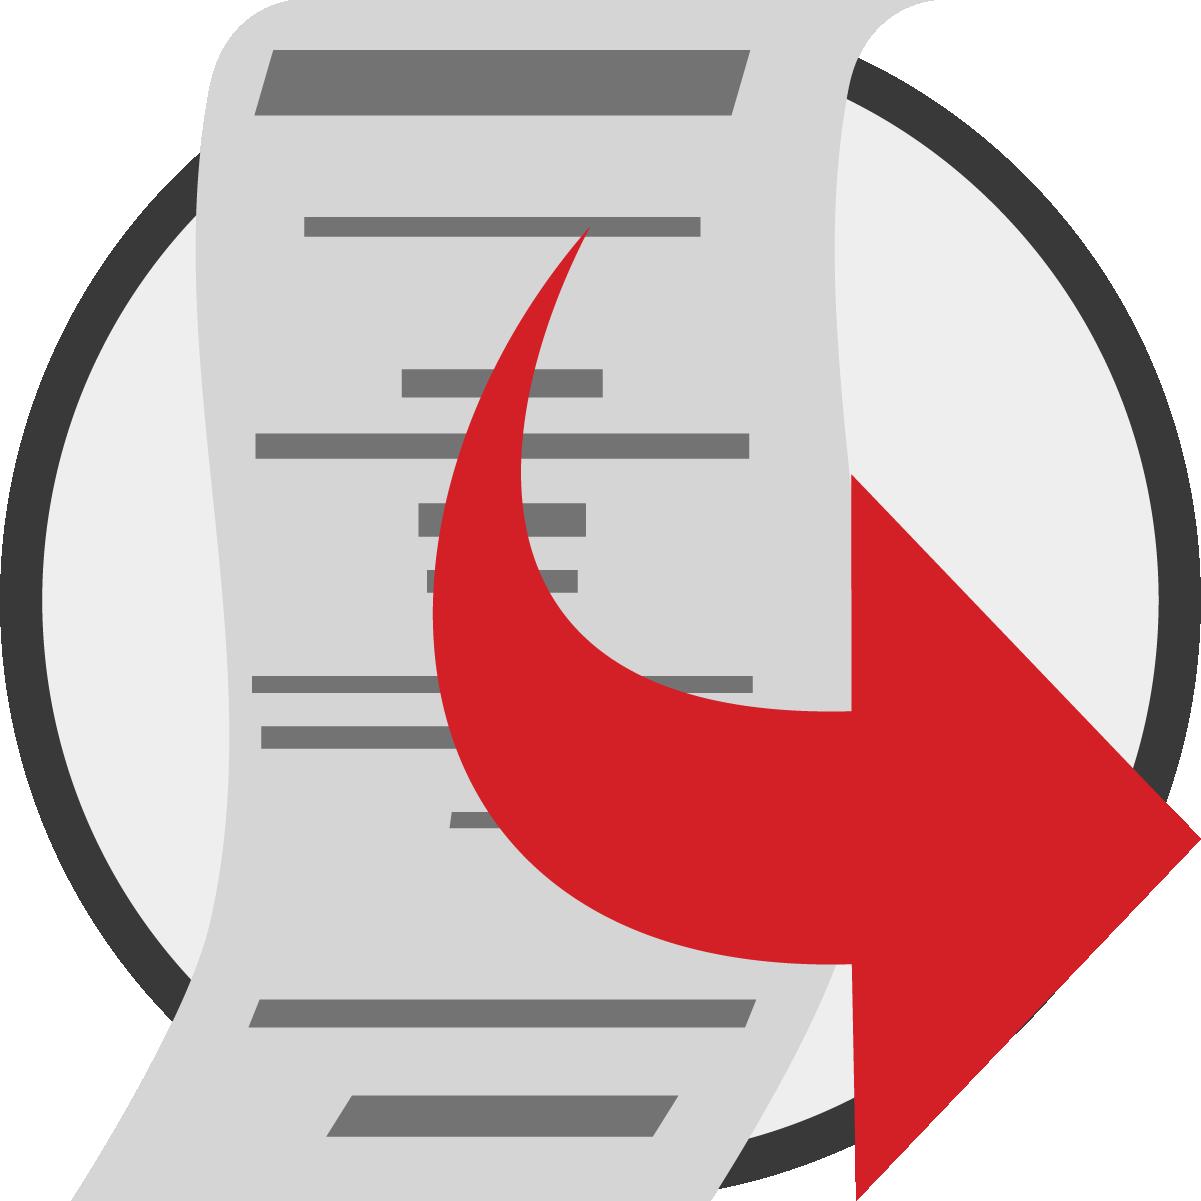 kc_button_deliverables